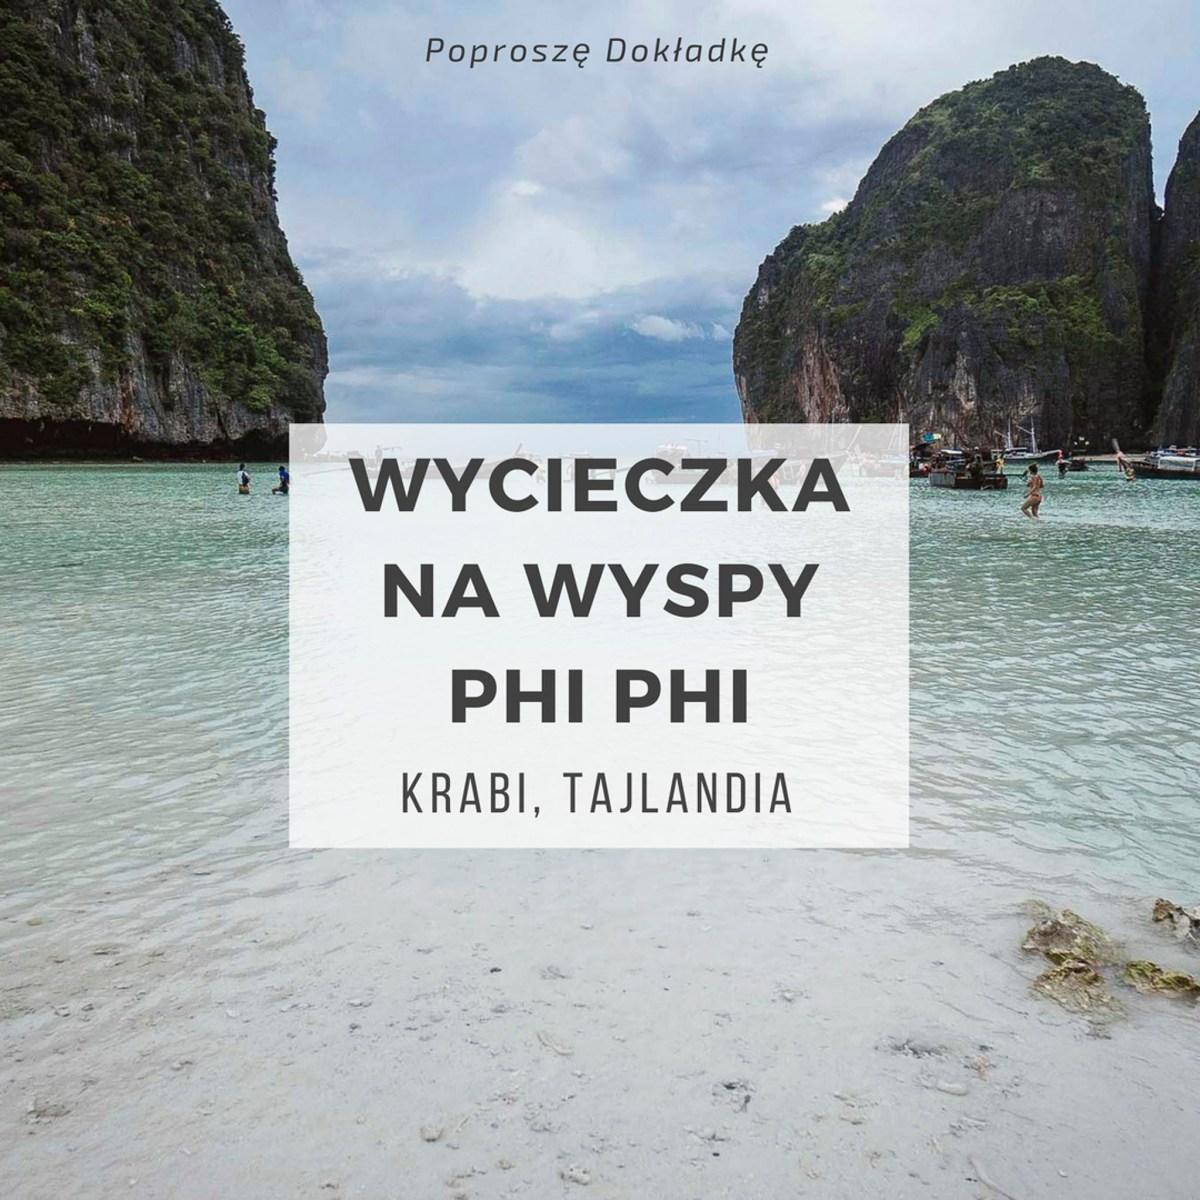 Wycieczka na wyspy Phi Phi, Tajlandia - prawdziwe oblicze raju?